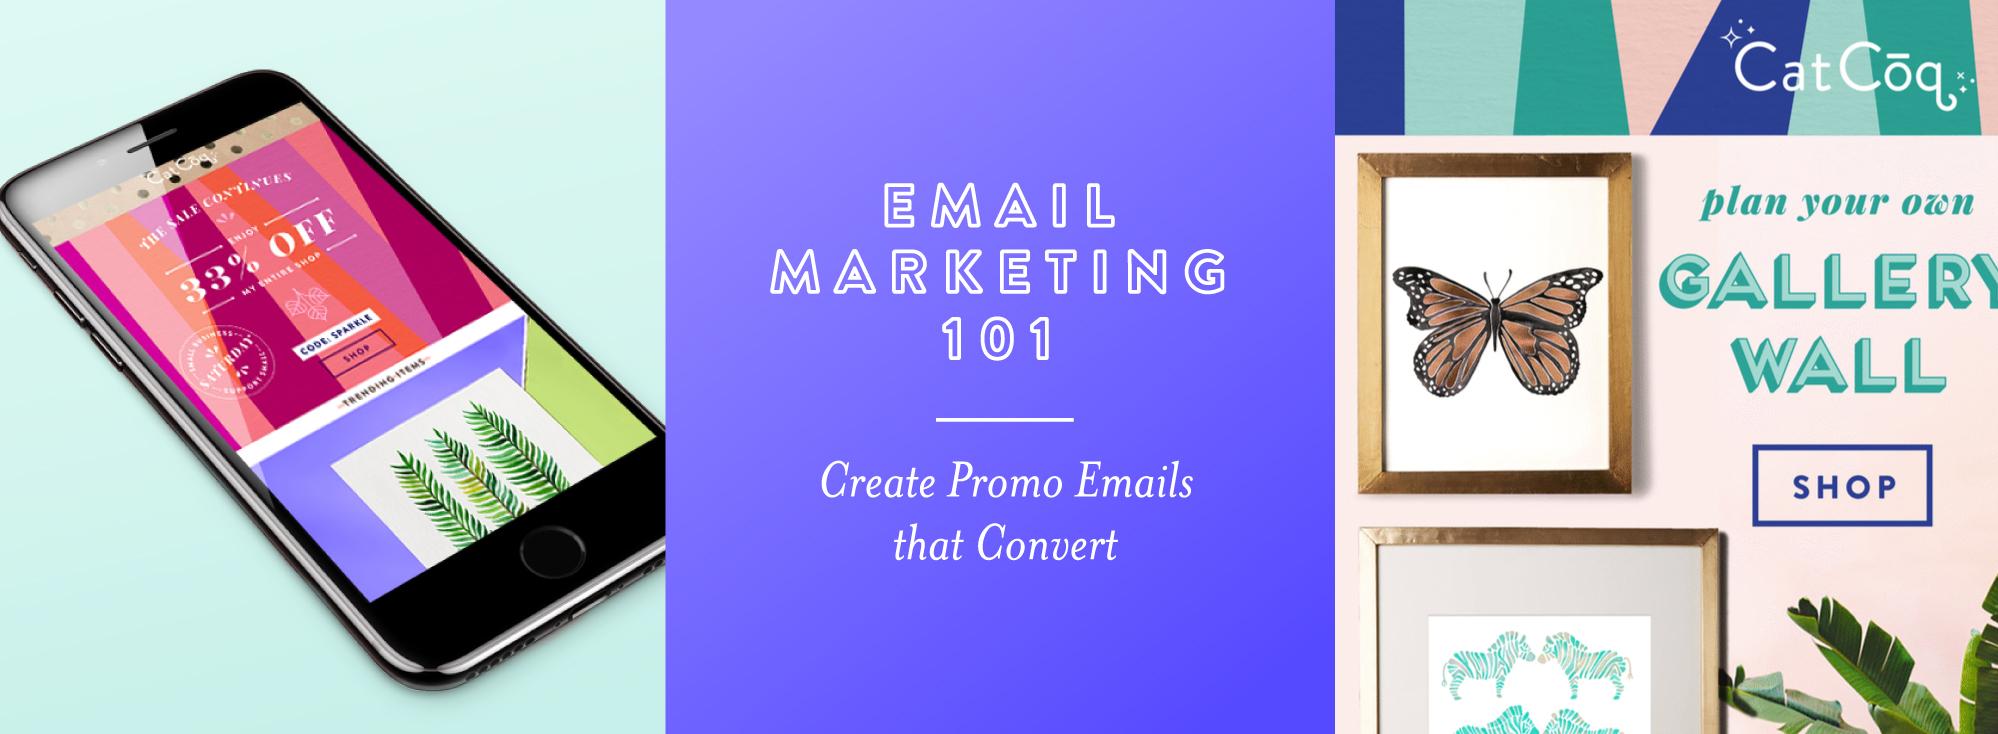 EmailMarketing-header.jpg